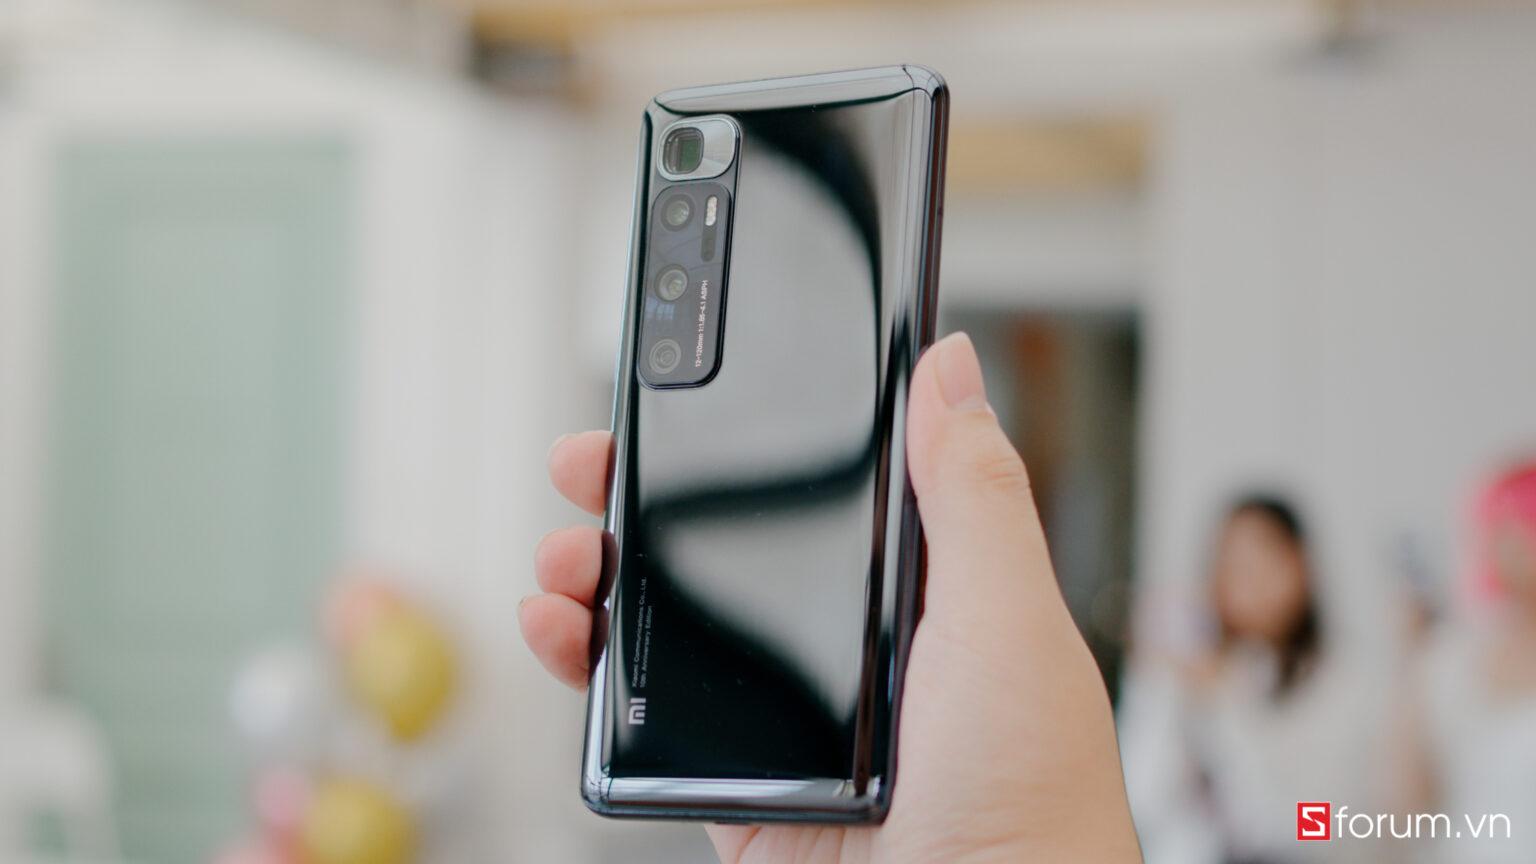 Sforum - Trang thông tin công nghệ mới nhất Mi-10-Ultra-1 So sánh iPhone 12 Pro Max, Xiaomi Mi 10 Ultra và Huawei Mate 40 Pro: Đâu là lựa chọn hợp lý hơn?